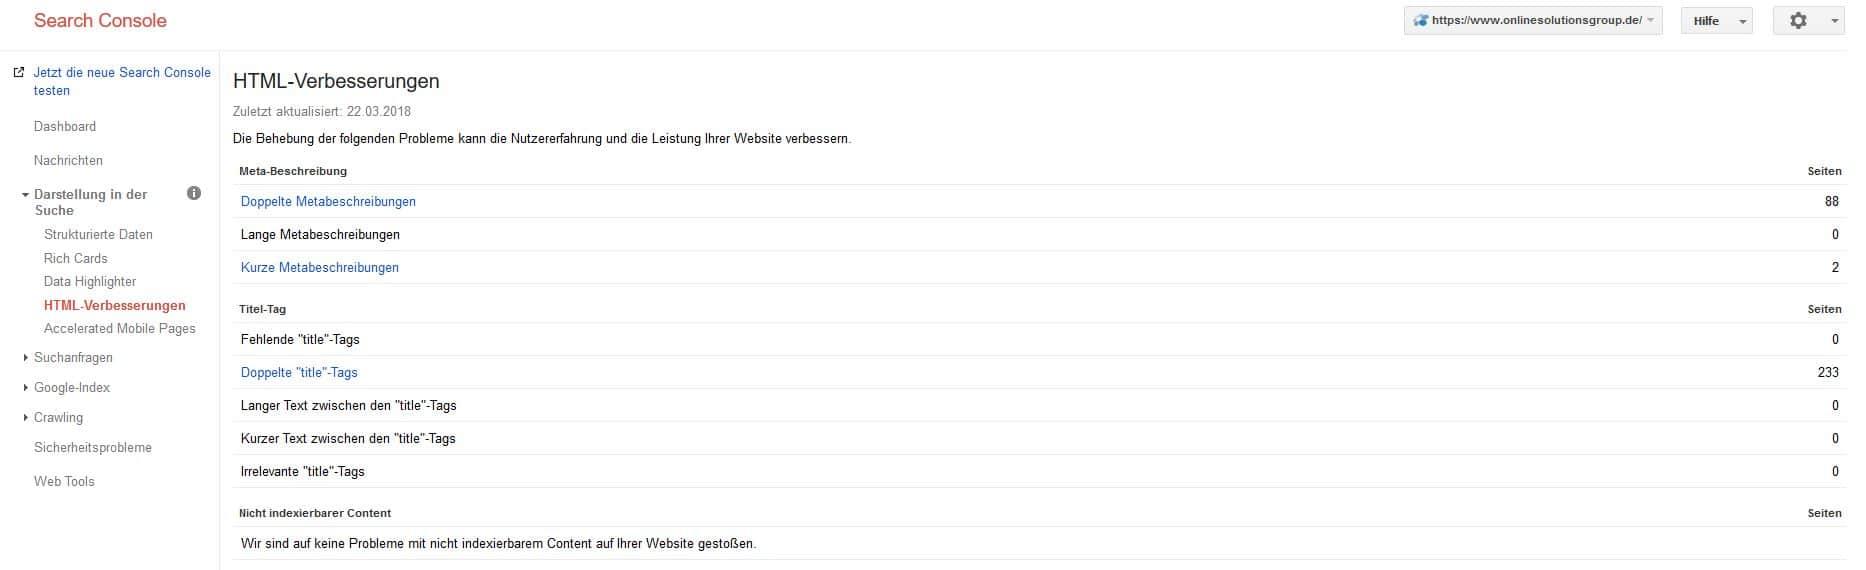 HTML-Verbesserungen der Google Search Console